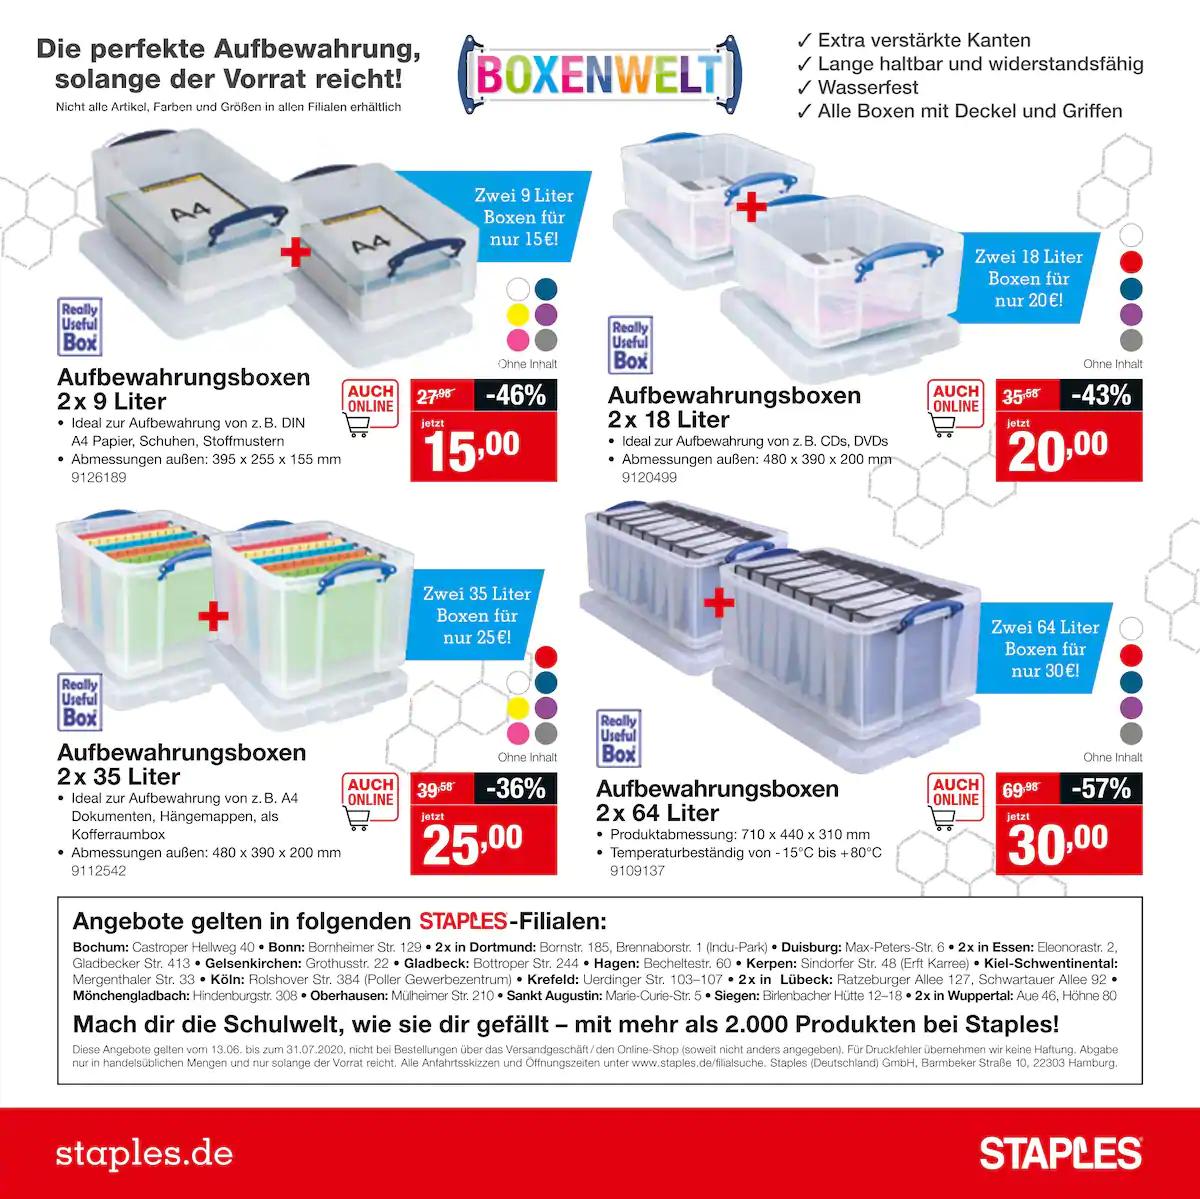 [Offline] Really Usefull Boxen bei Staples in NRW und SH z.B. 64 Liter 30€ für ein Paar Boxen